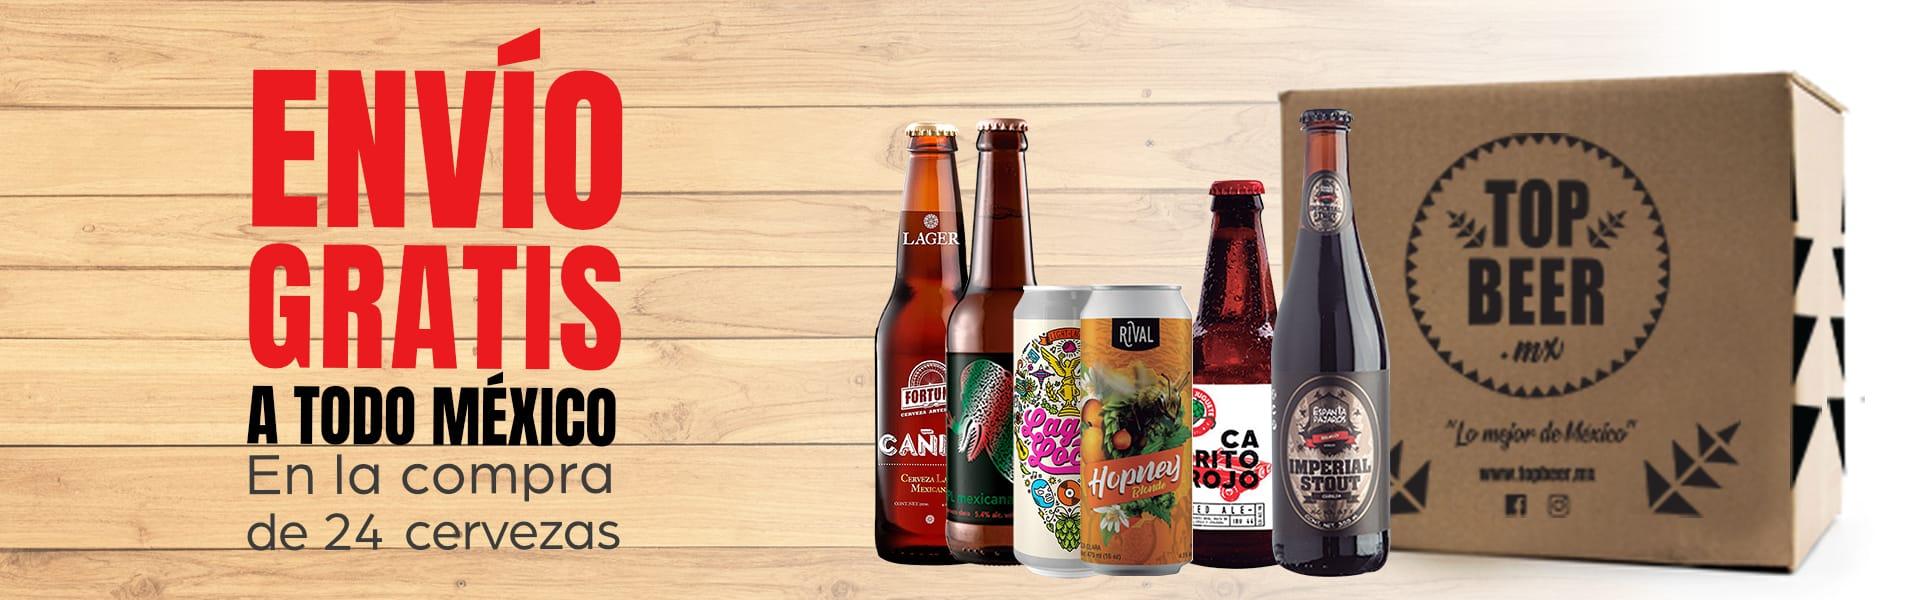 Envío gratis a todo México en cervezas artesanales. En la compra de 24 cervezas.